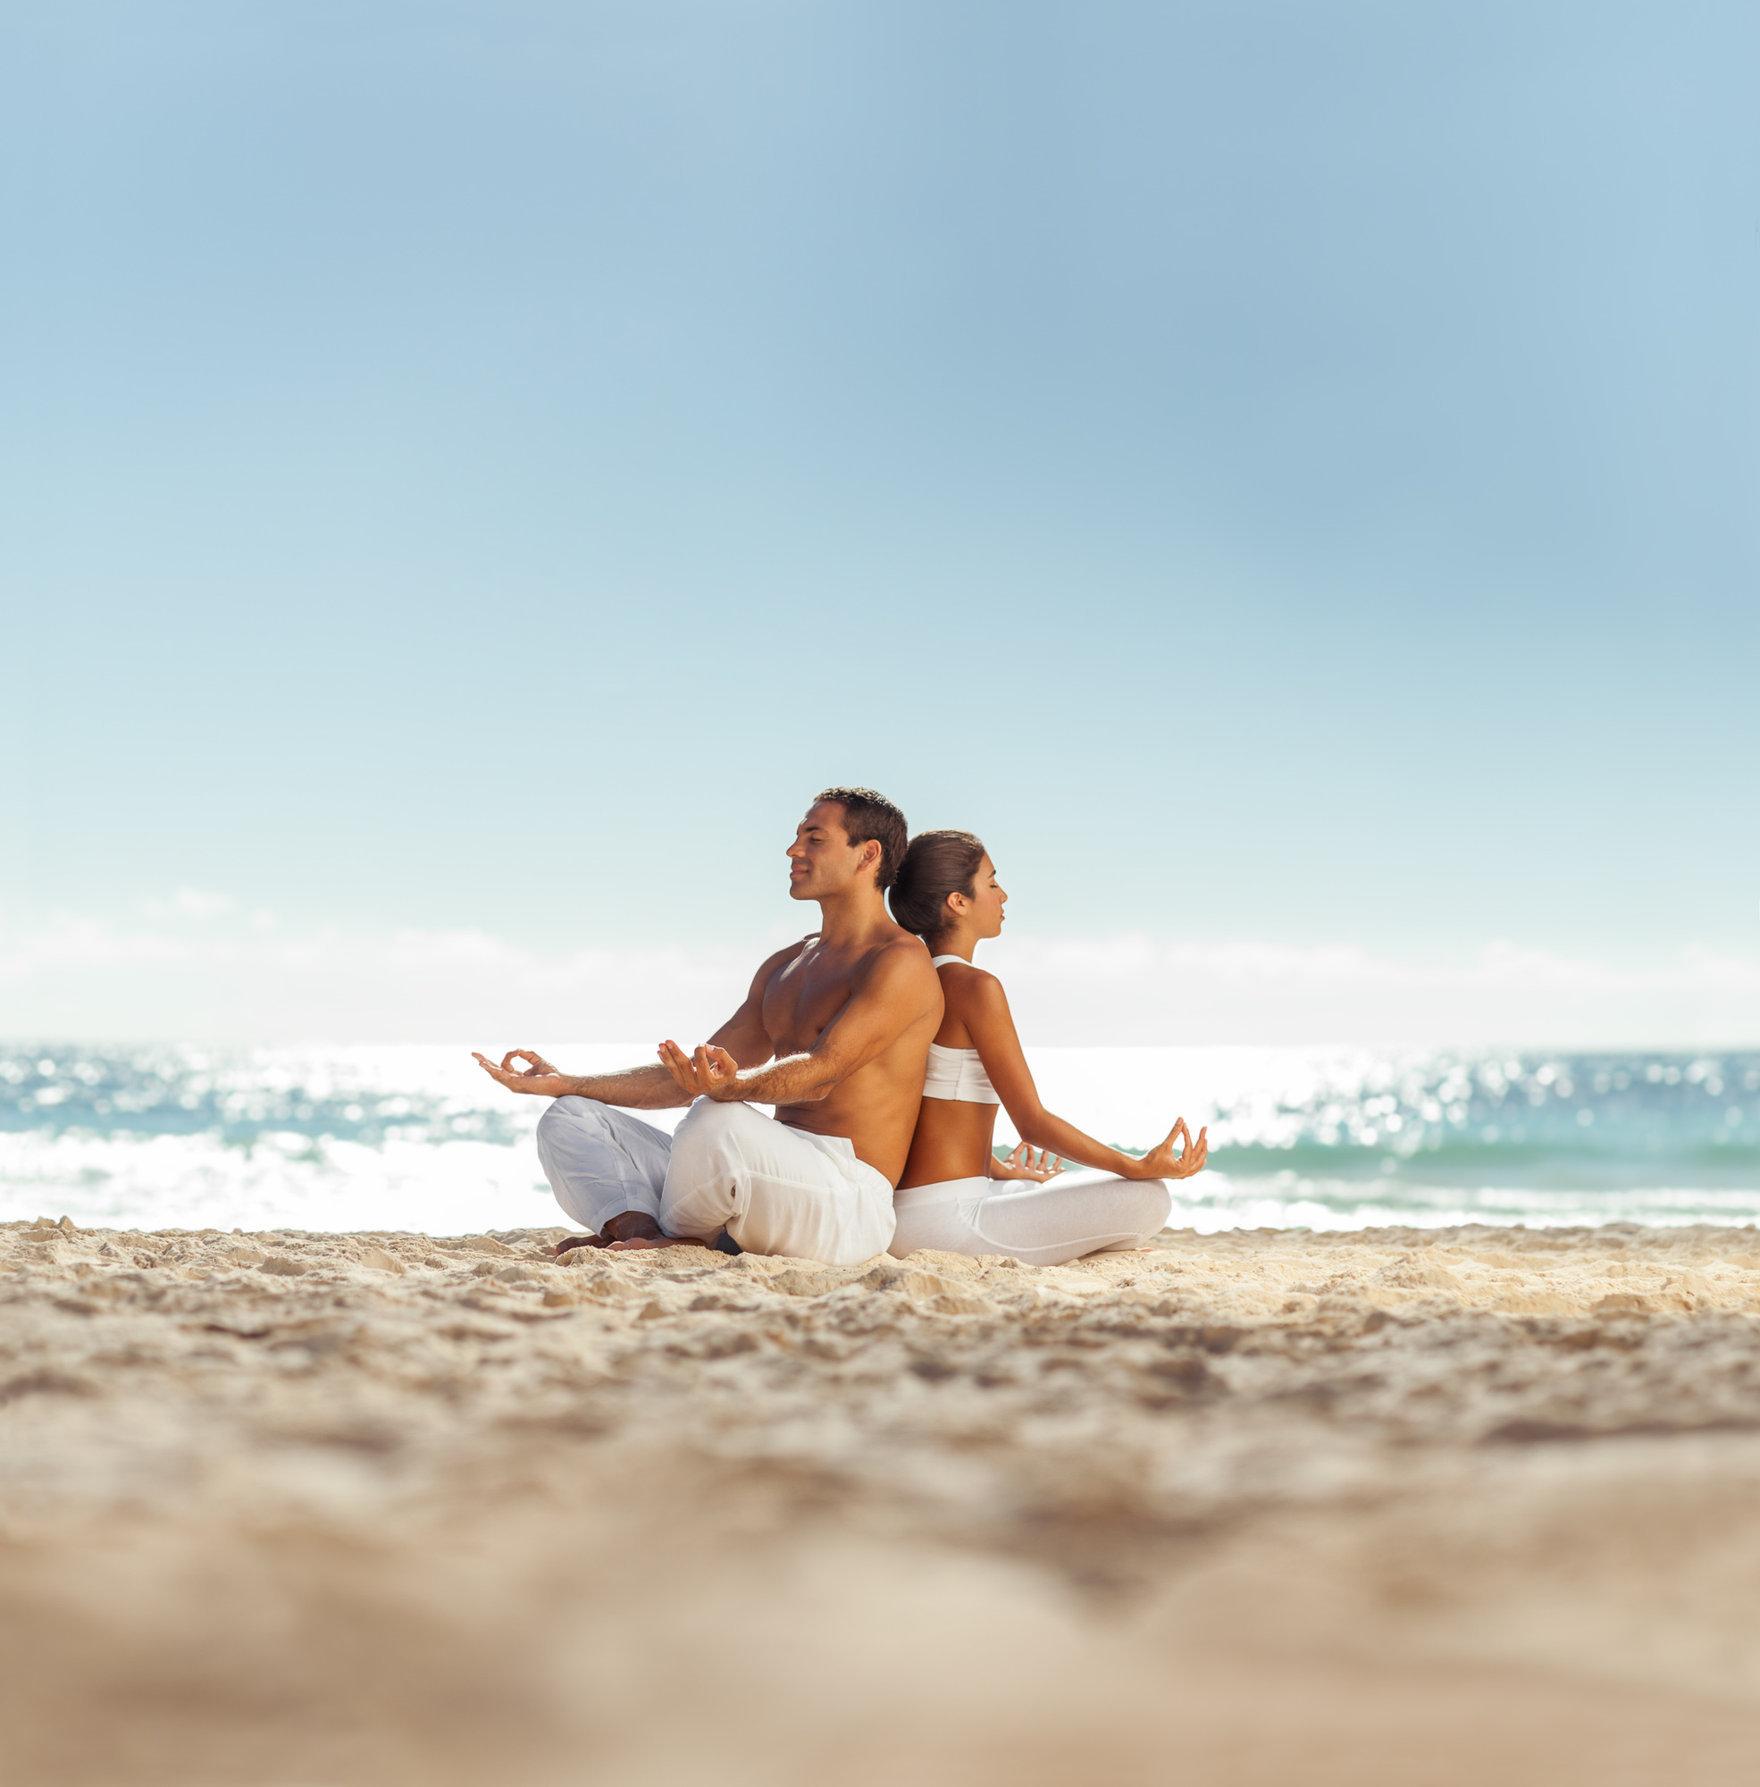 Yoga Ejercicio_Tulum_1240a1242.jpg